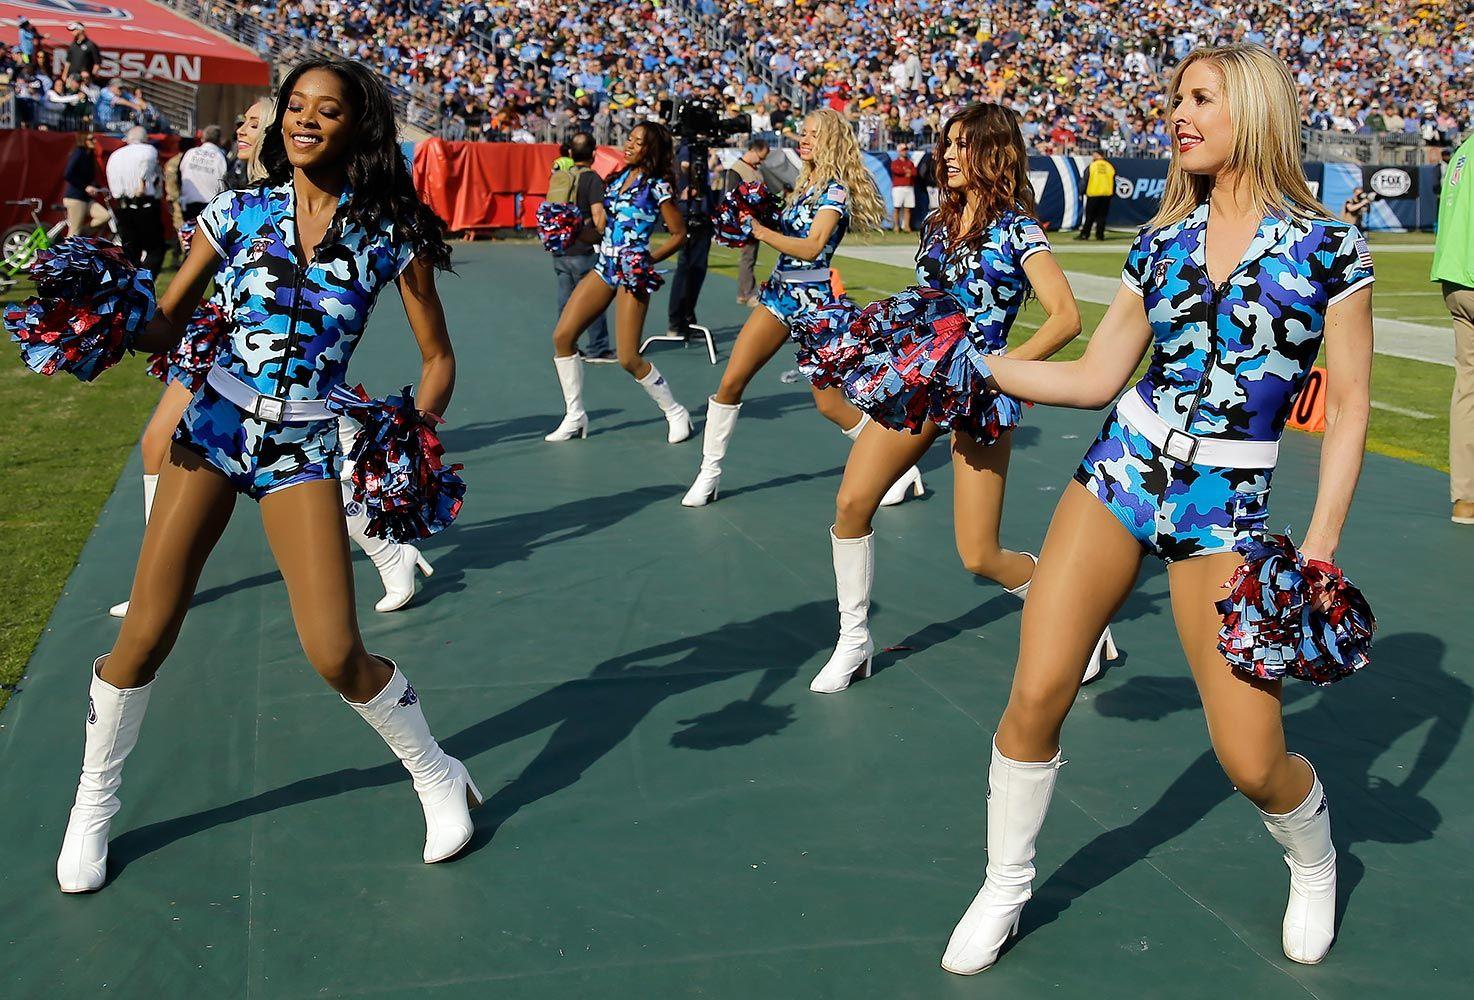 NFL Cheerleaders Week 10 Cheerleaders Nfl